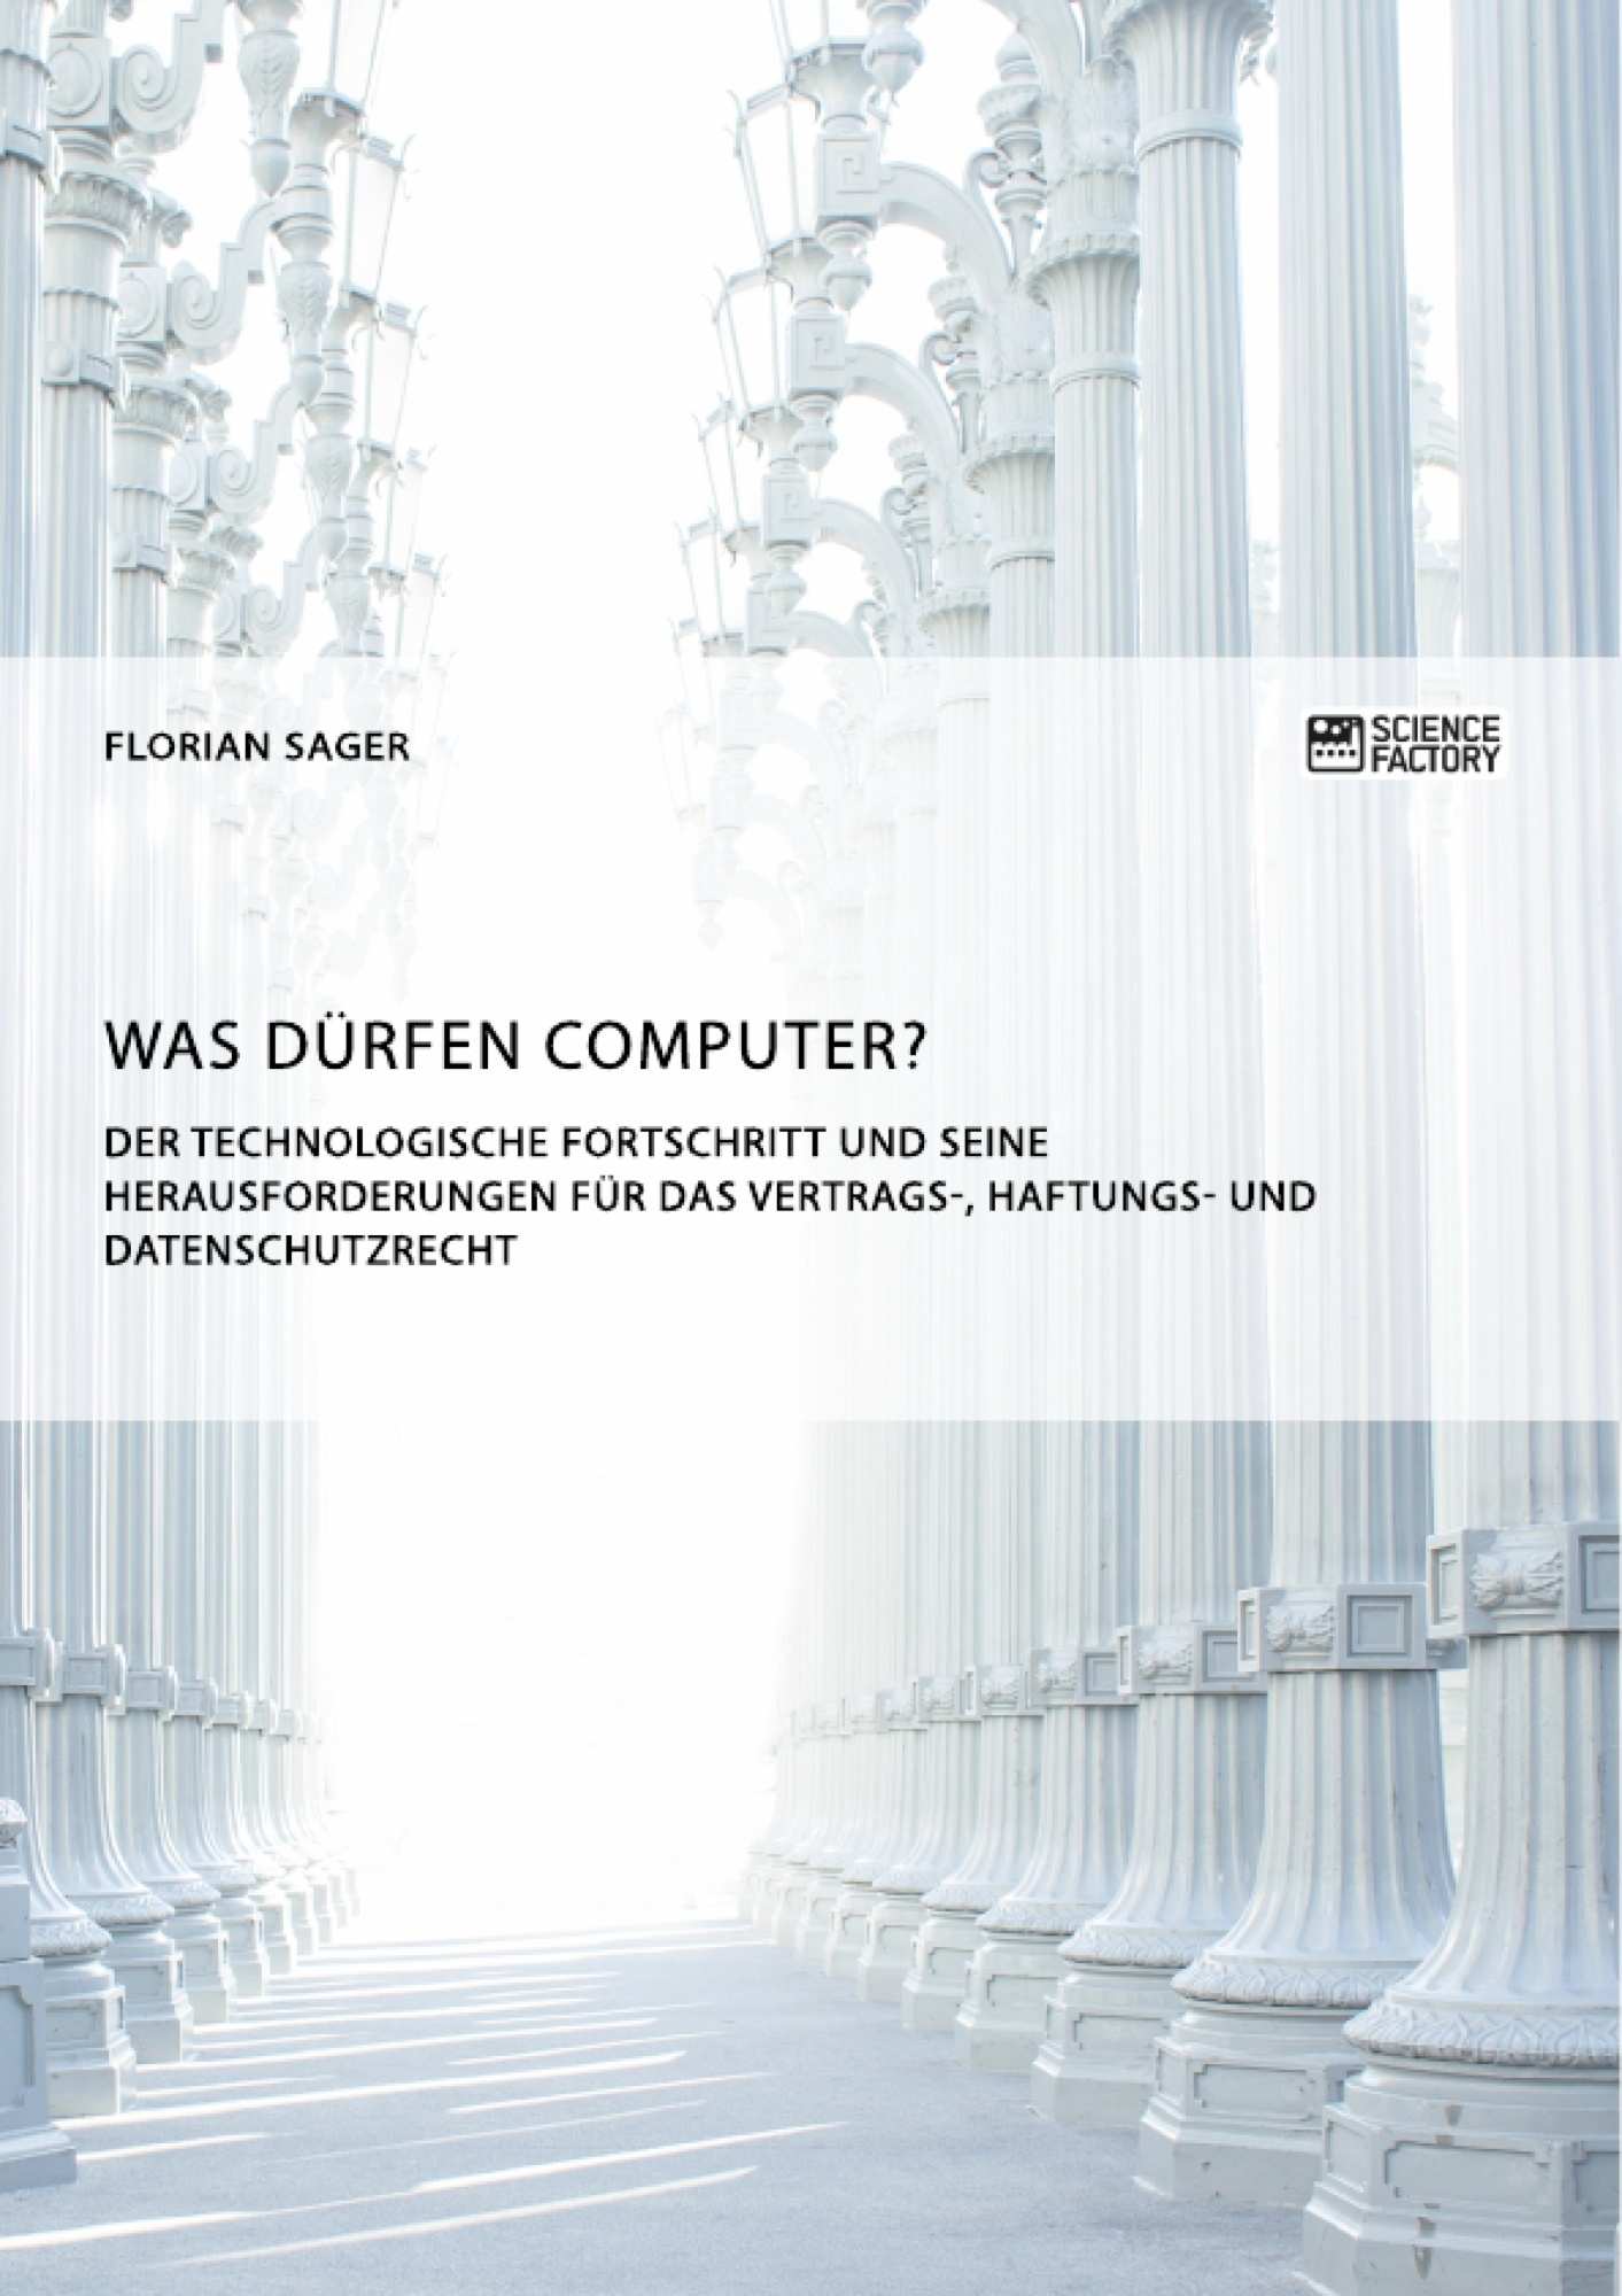 Titel: Was dürfen Computer? Der technologische Fortschritt und seine Herausforderungen für Vertrags-, Haftungs- und Datenschutzrecht